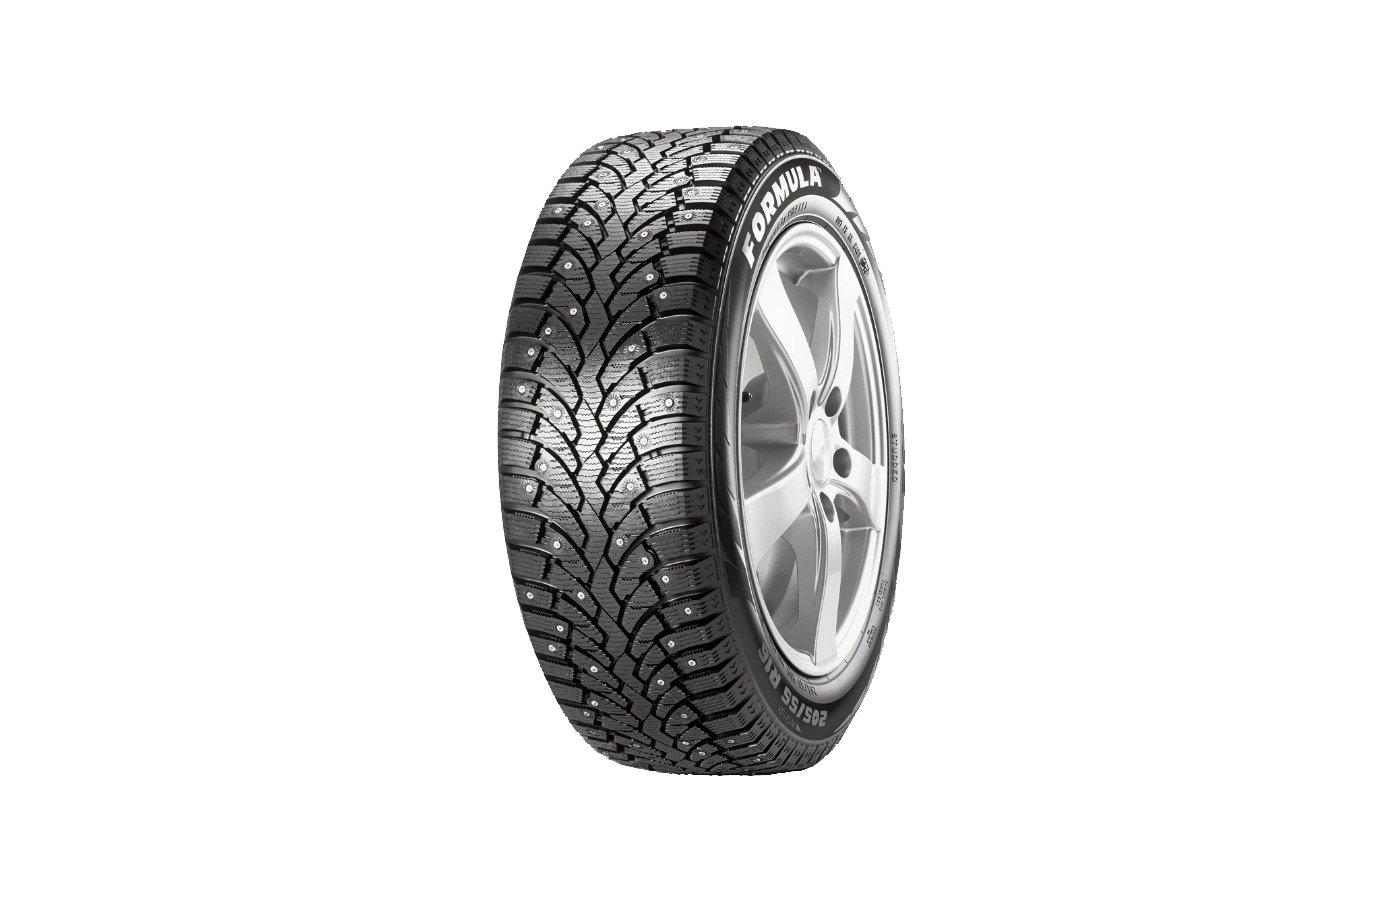 Шина Pirelli Formula Ice 185/60 R15 TL 88T XL шип